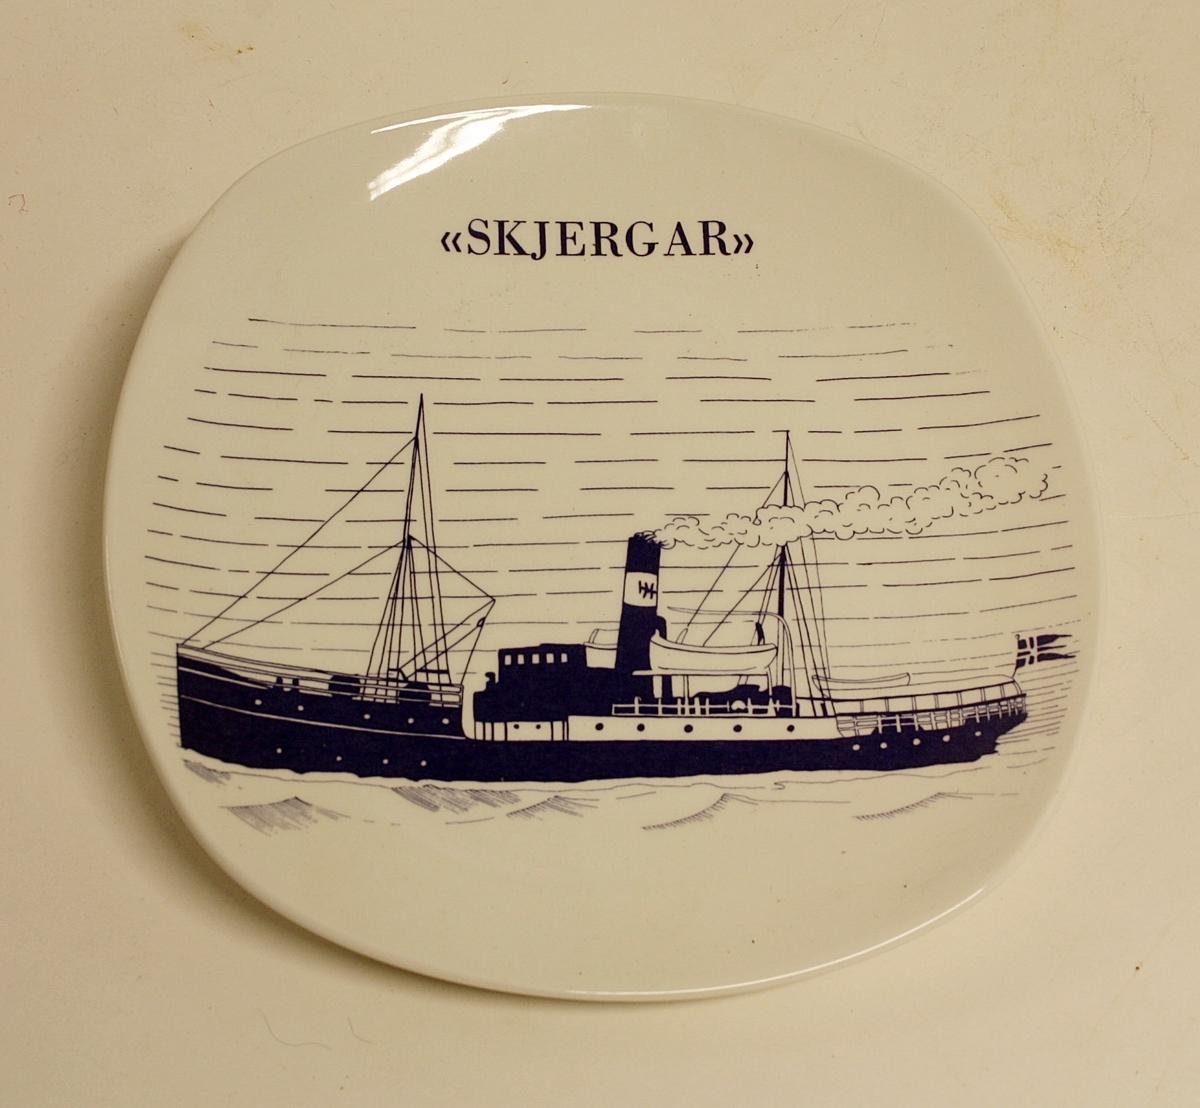 """Avrundet, rektangulært fat med bilde av båten """"Skjergar"""".  Gave fra Øygarden kommune til Kystmuseet i Øygarden."""